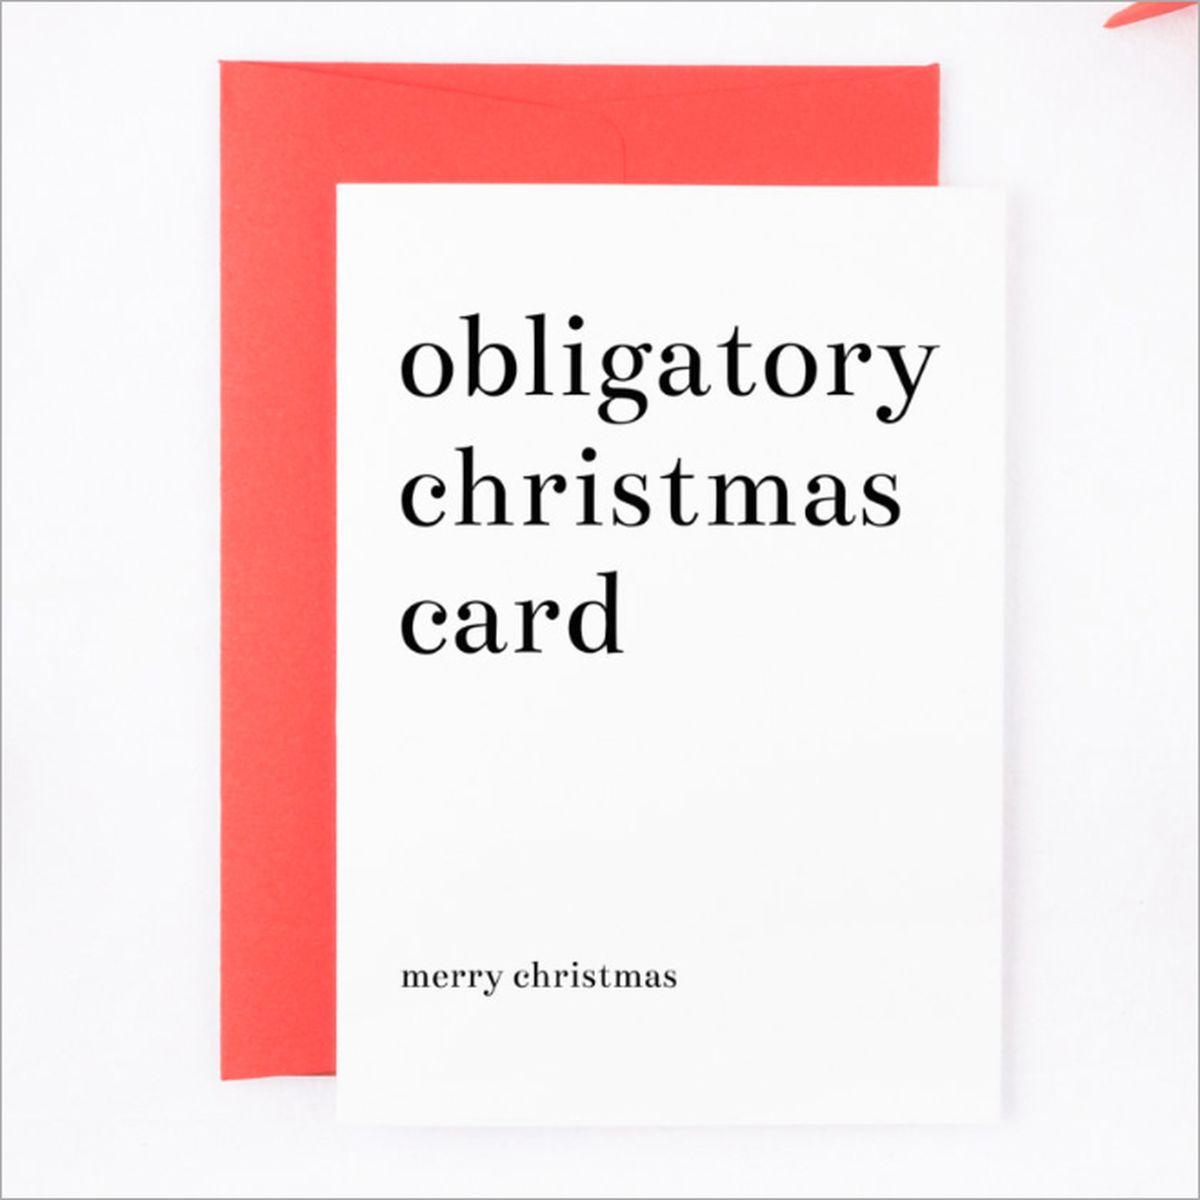 Ein paar tolle Grußkarten für Weihnachten | Lustiges | Was is hier eigentlich los?